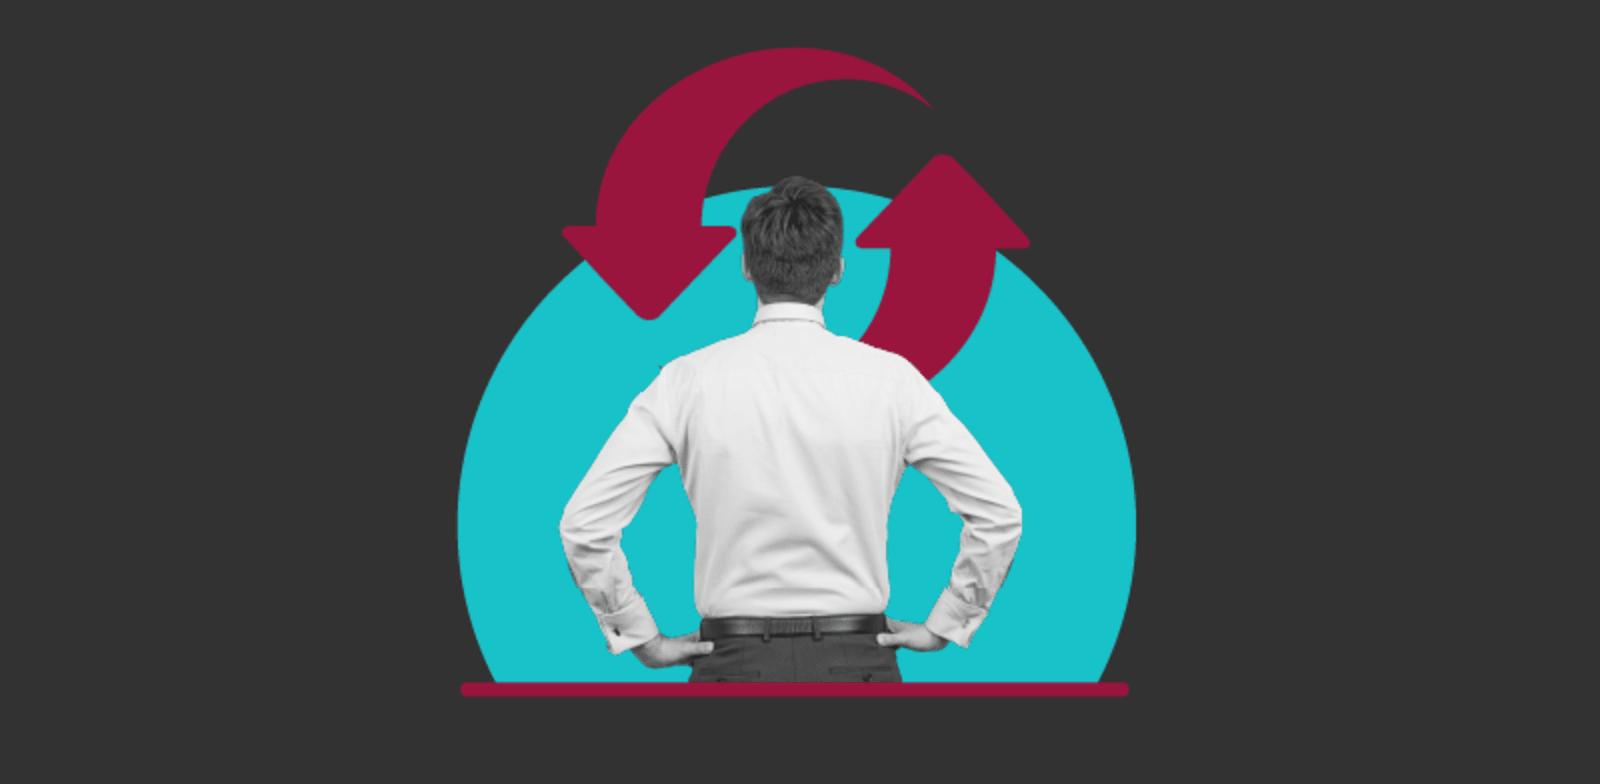 האם אתם מנהלים מבחוץ או מבפנים / צילום: Shutterstock